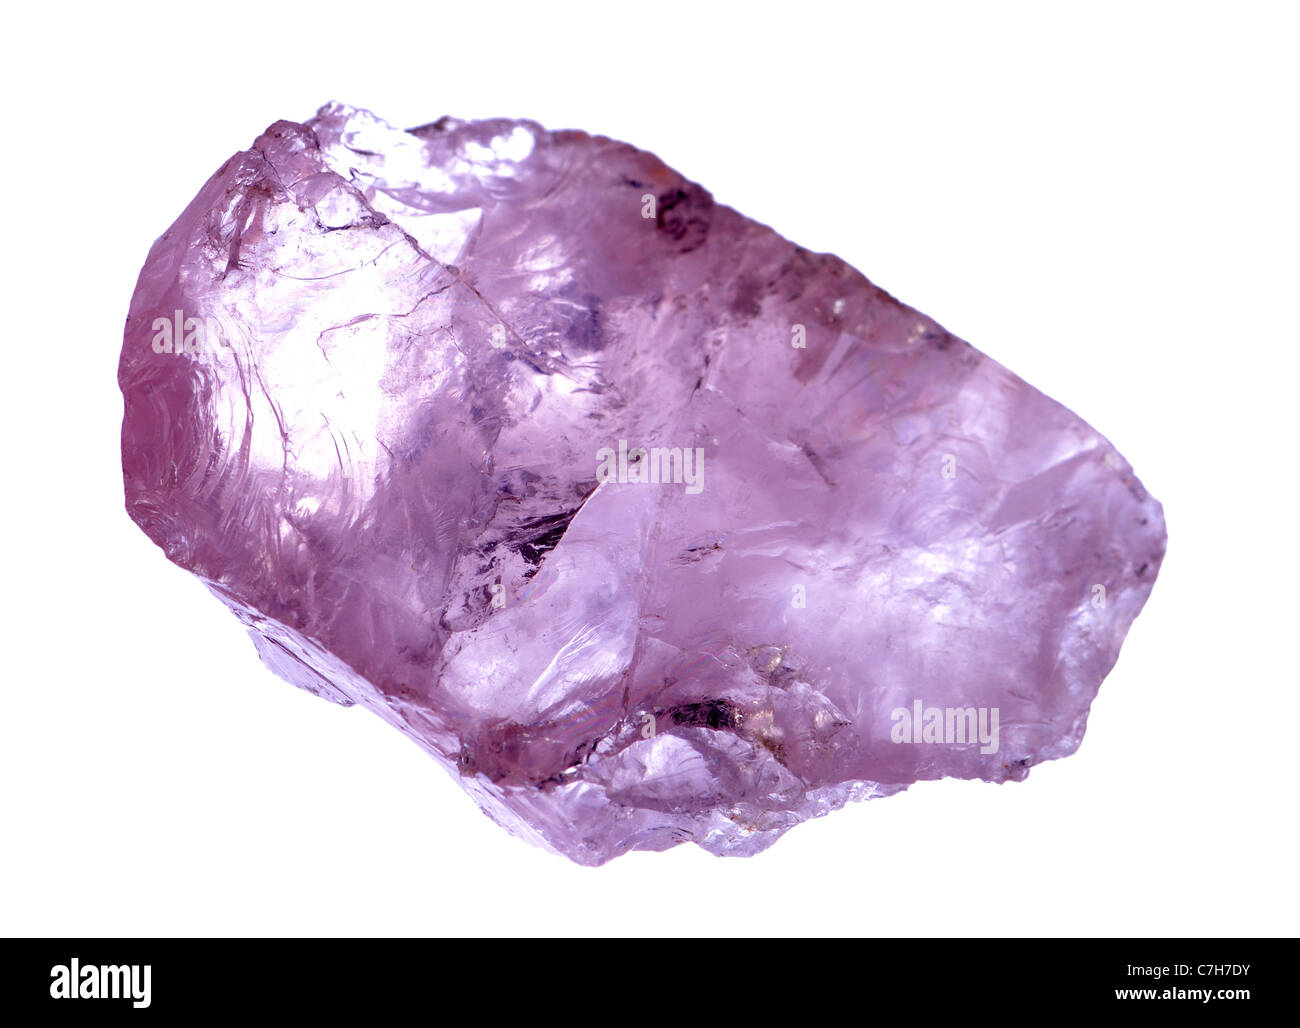 Rose quartz - tinted by traces of titanium - Stock Image